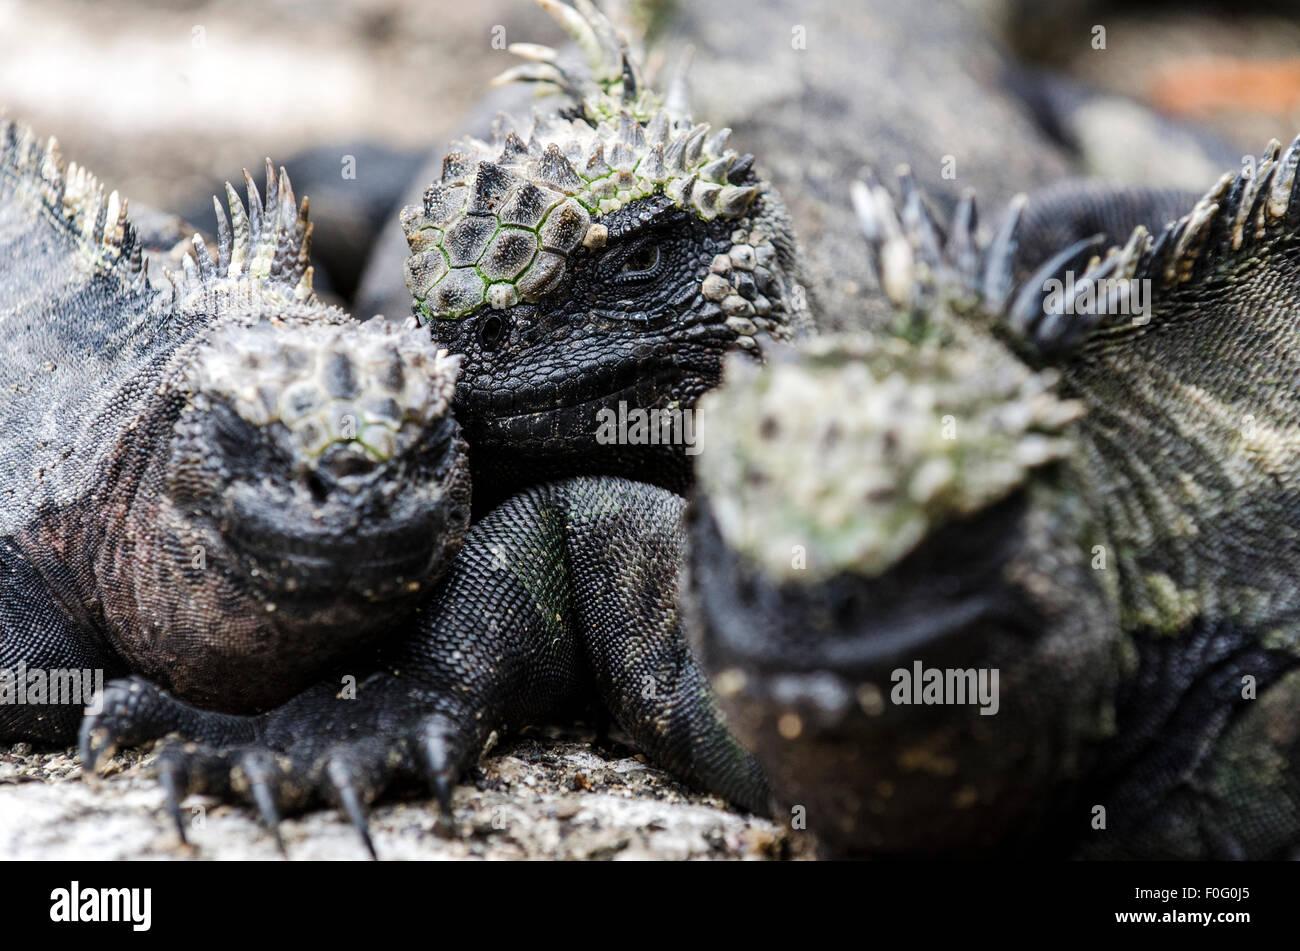 Galapagos marine iguanas close up Isabela Galapagos islands Ecuador - Stock Image